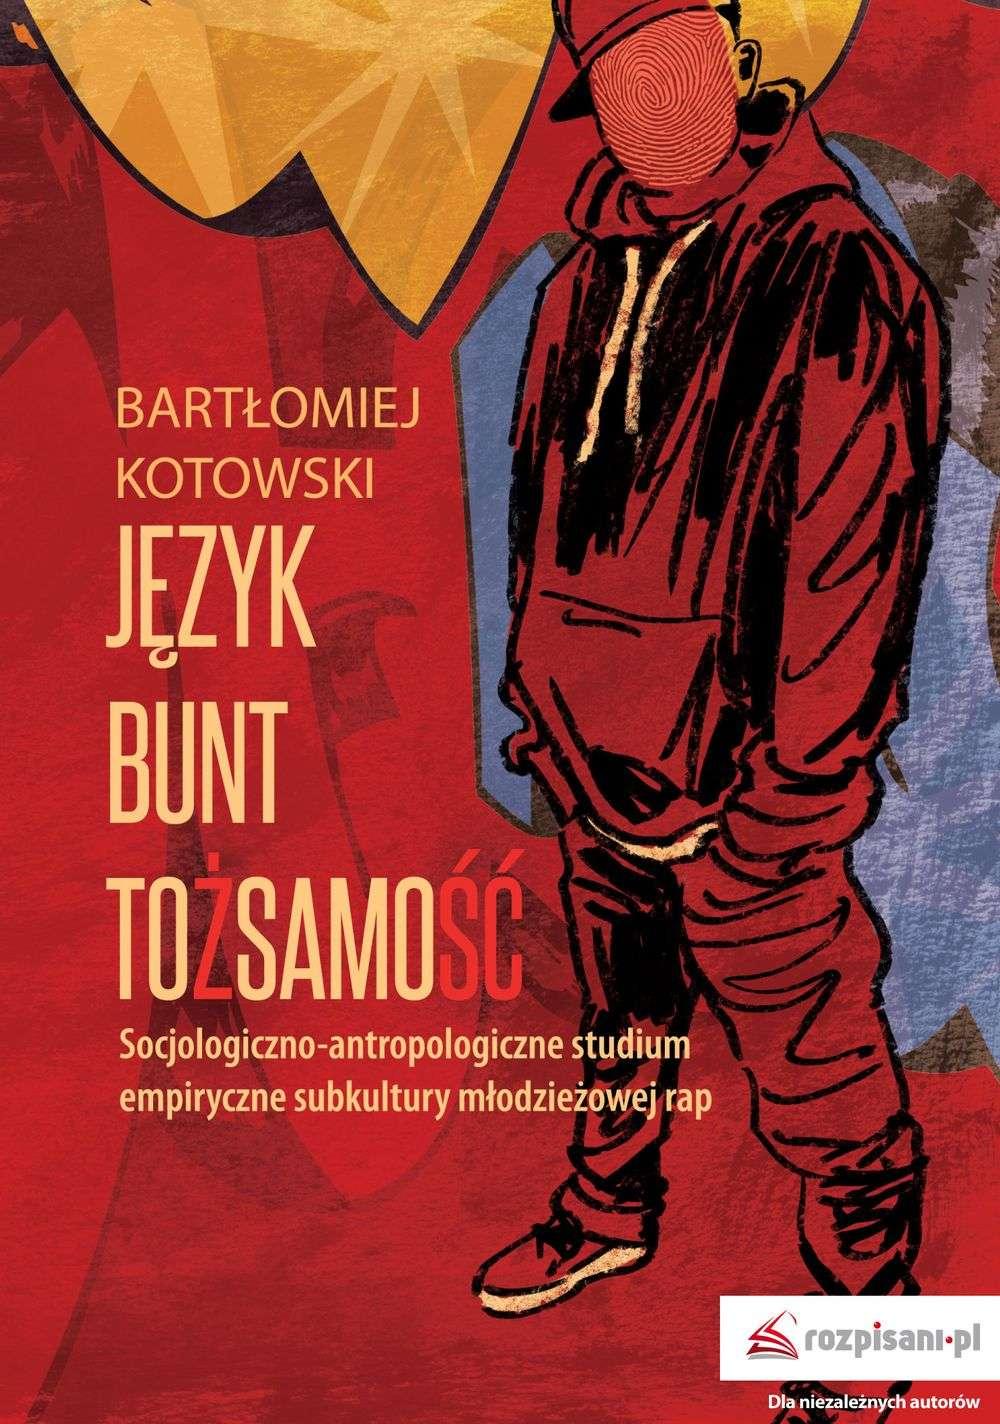 Jezyk__bunt__tozsamosc._Socjologiczno_antropologiczne_studiuum_empiryczne_subkultury_mlodziezowej_rap